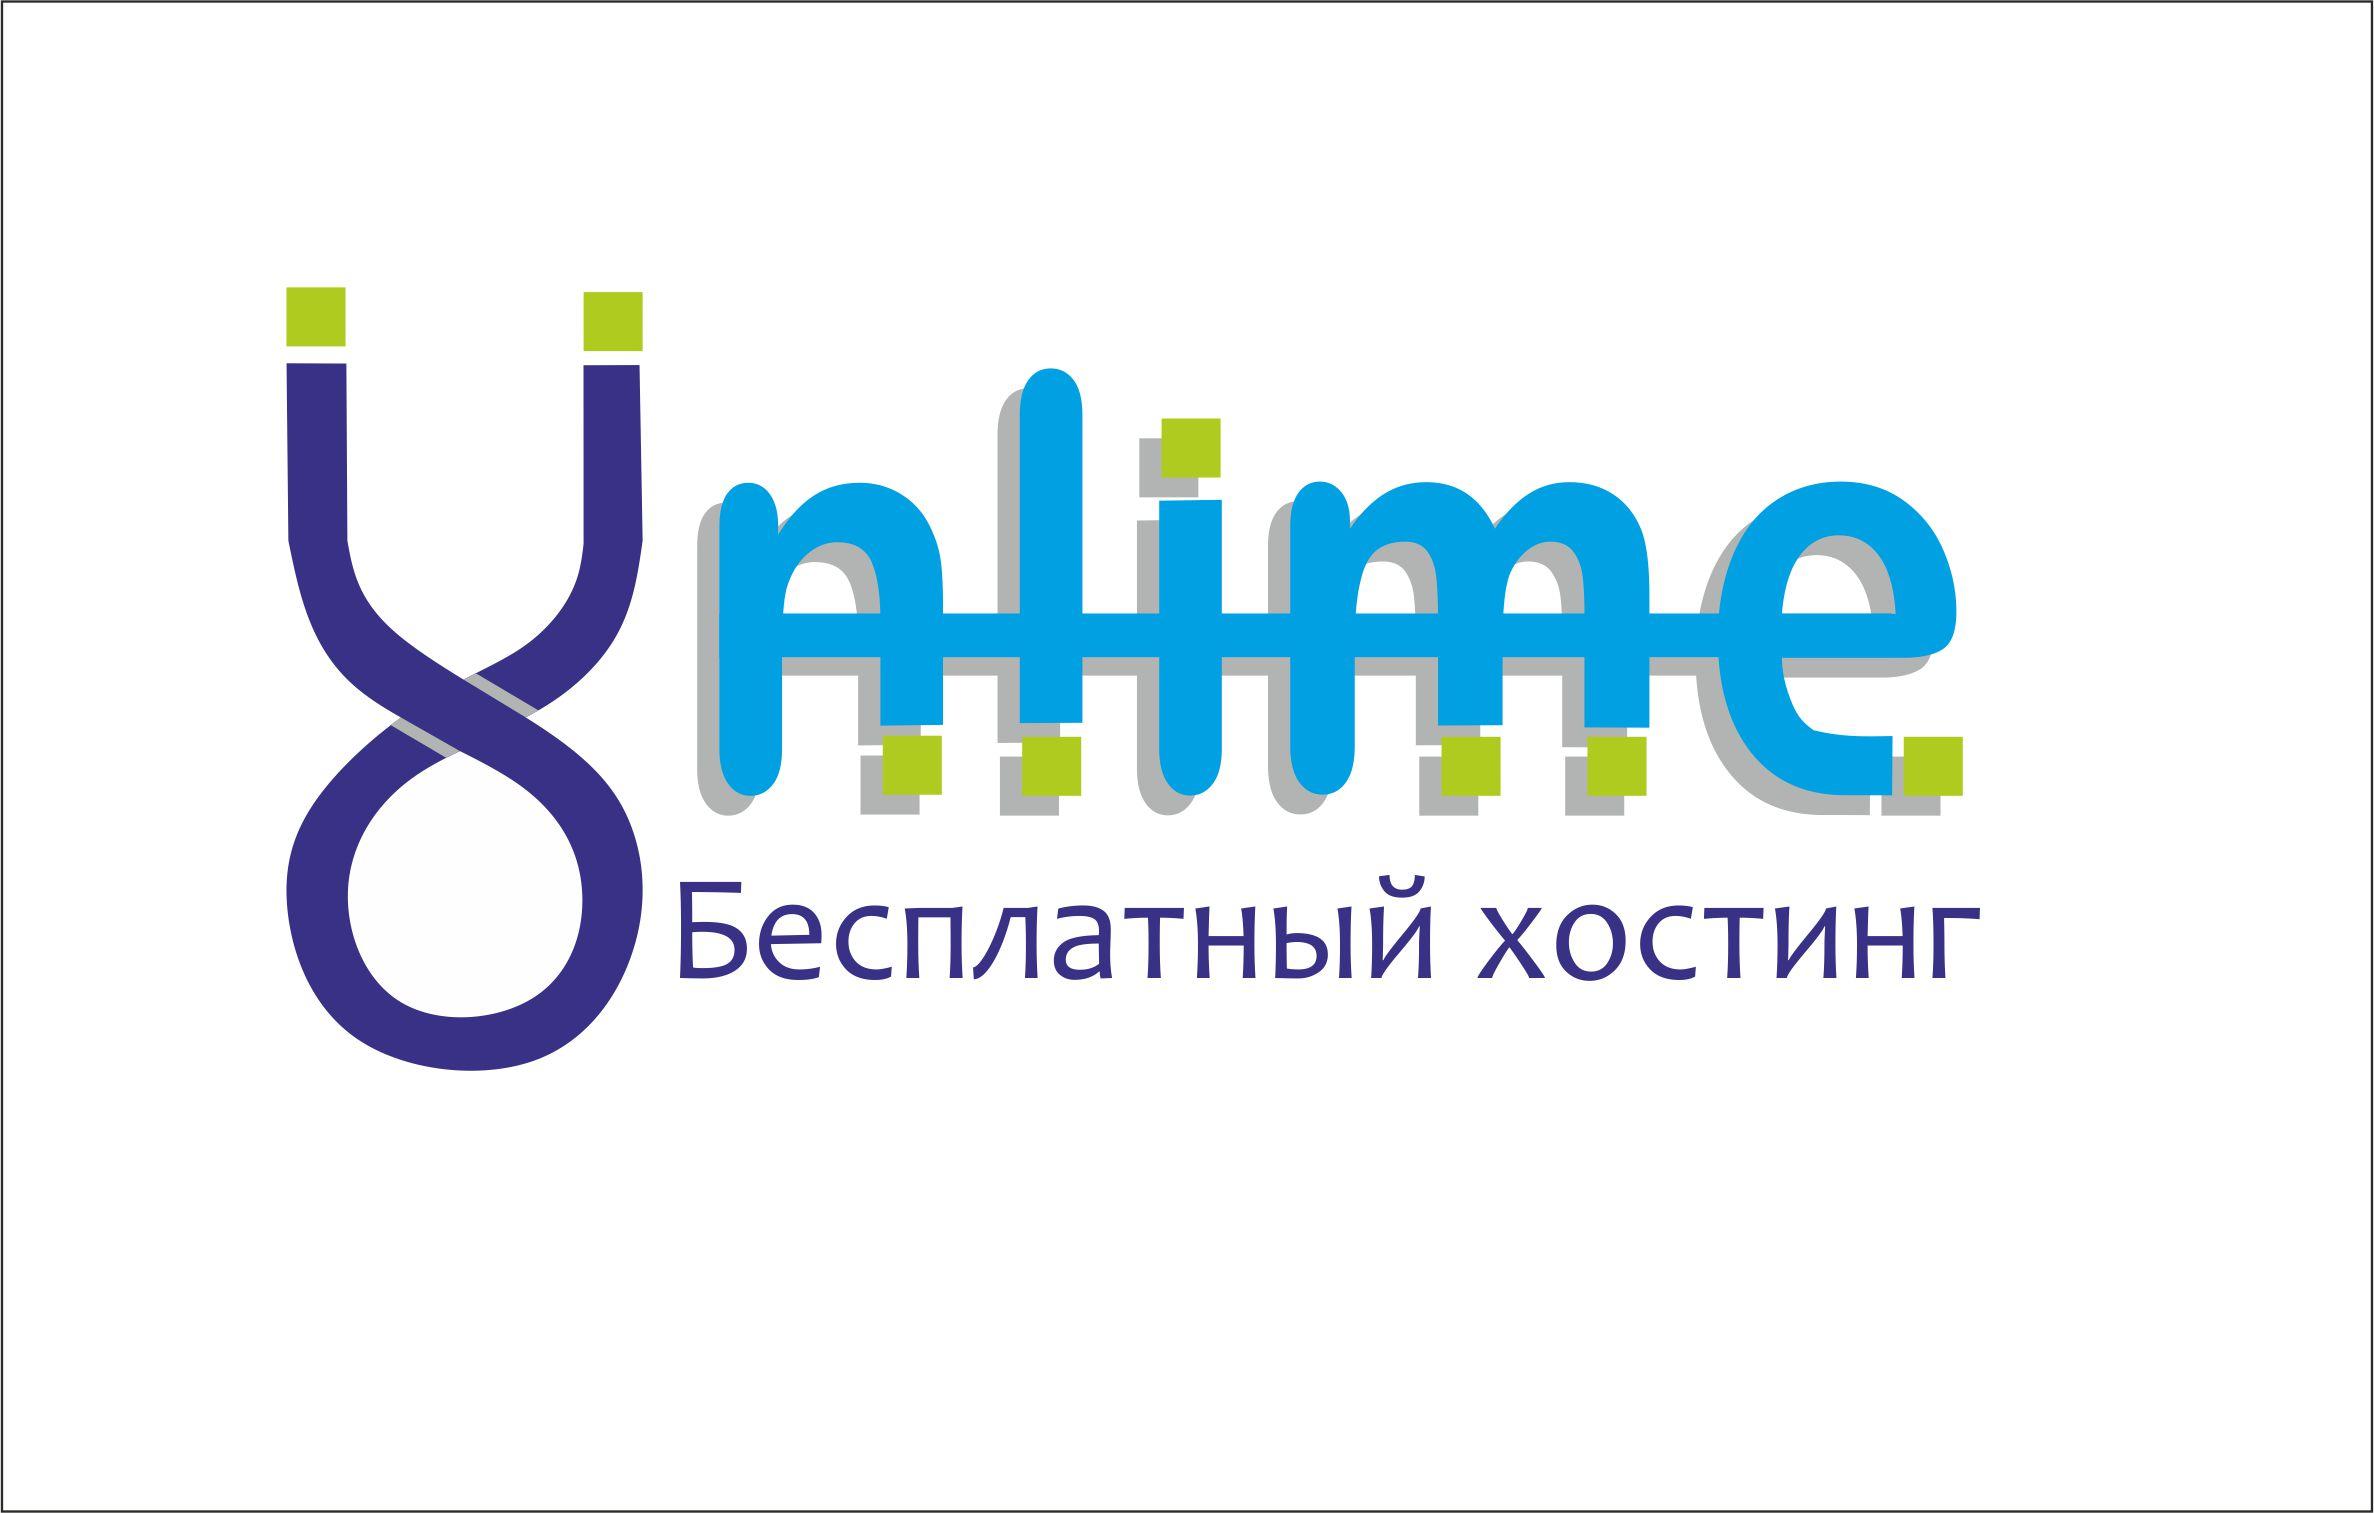 Разработка логотипа и фирменного стиля фото f_600594bff75874a1.jpg